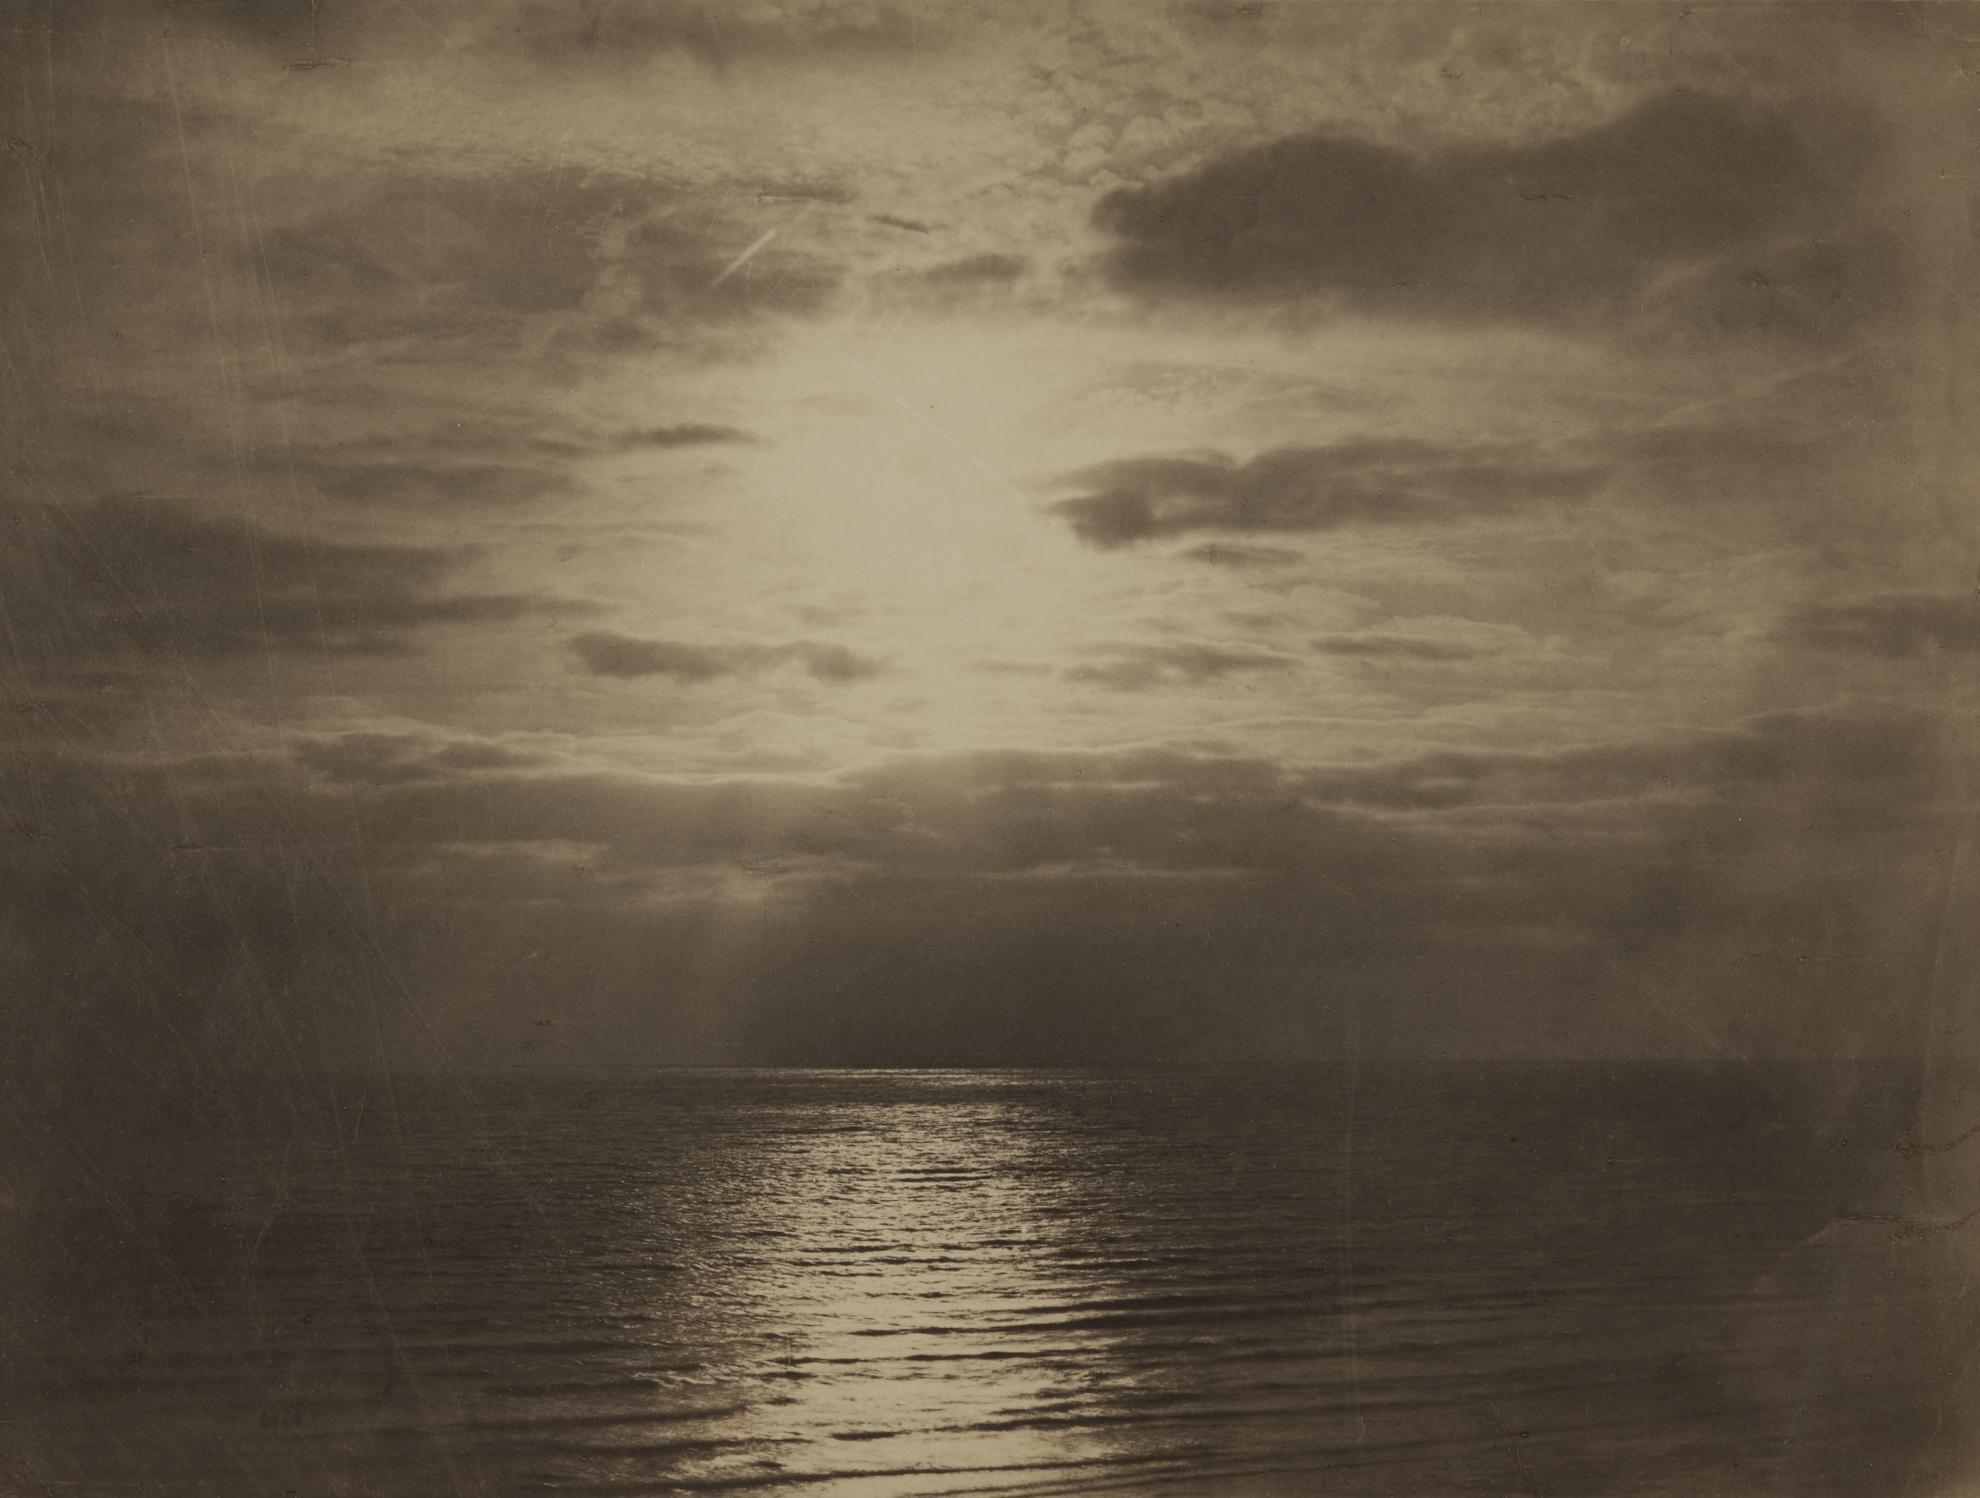 Gustave Le Gray-Effet De Soleil Dans Les Nuages - Ocean (Solar Effect In The Clouds, Ocean)-1857